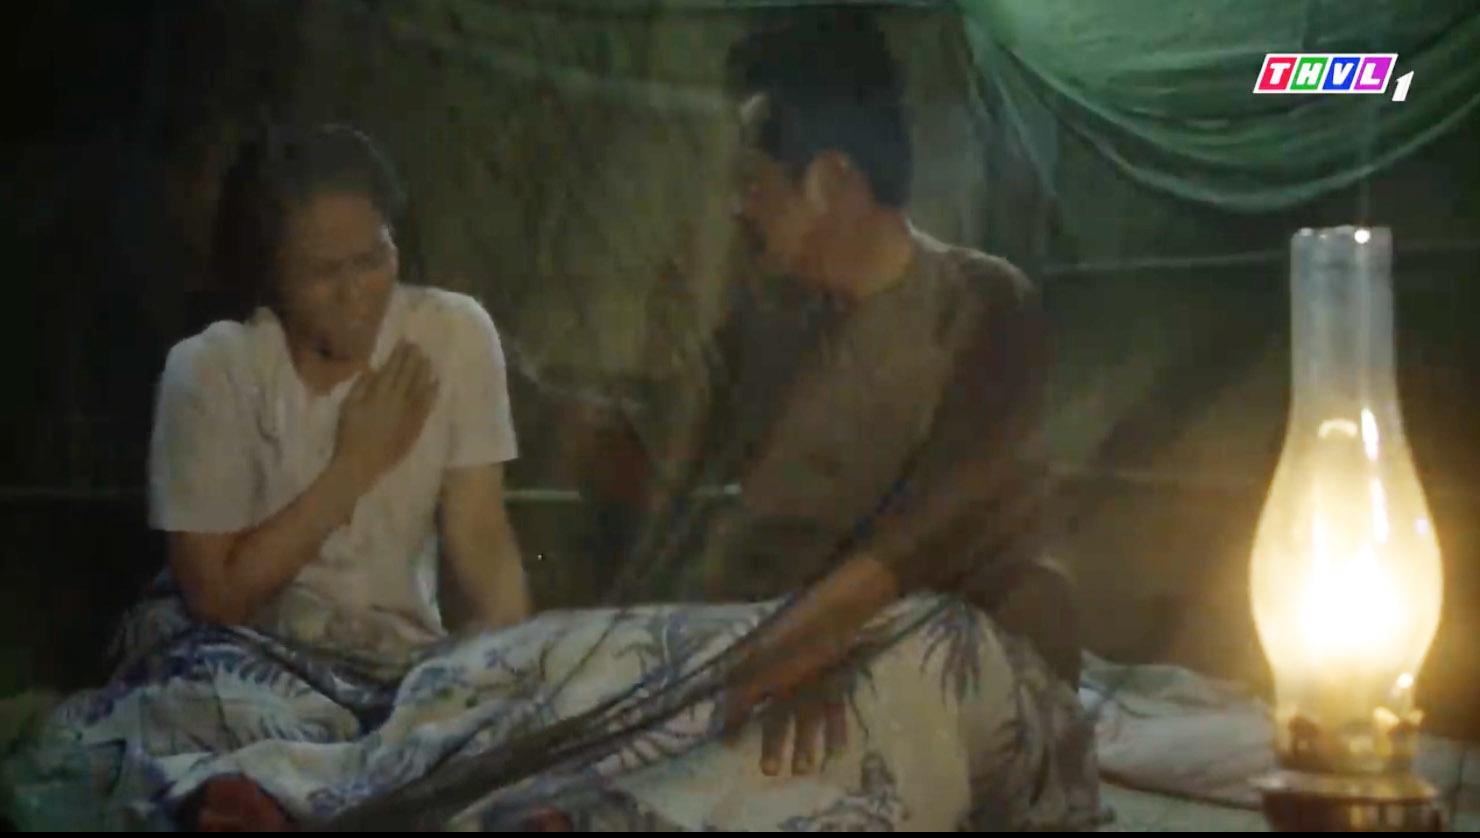 'Tiếng sét trong mưa' lại gây sốc cảnh anh em cùng mẹ khác cha ân ái